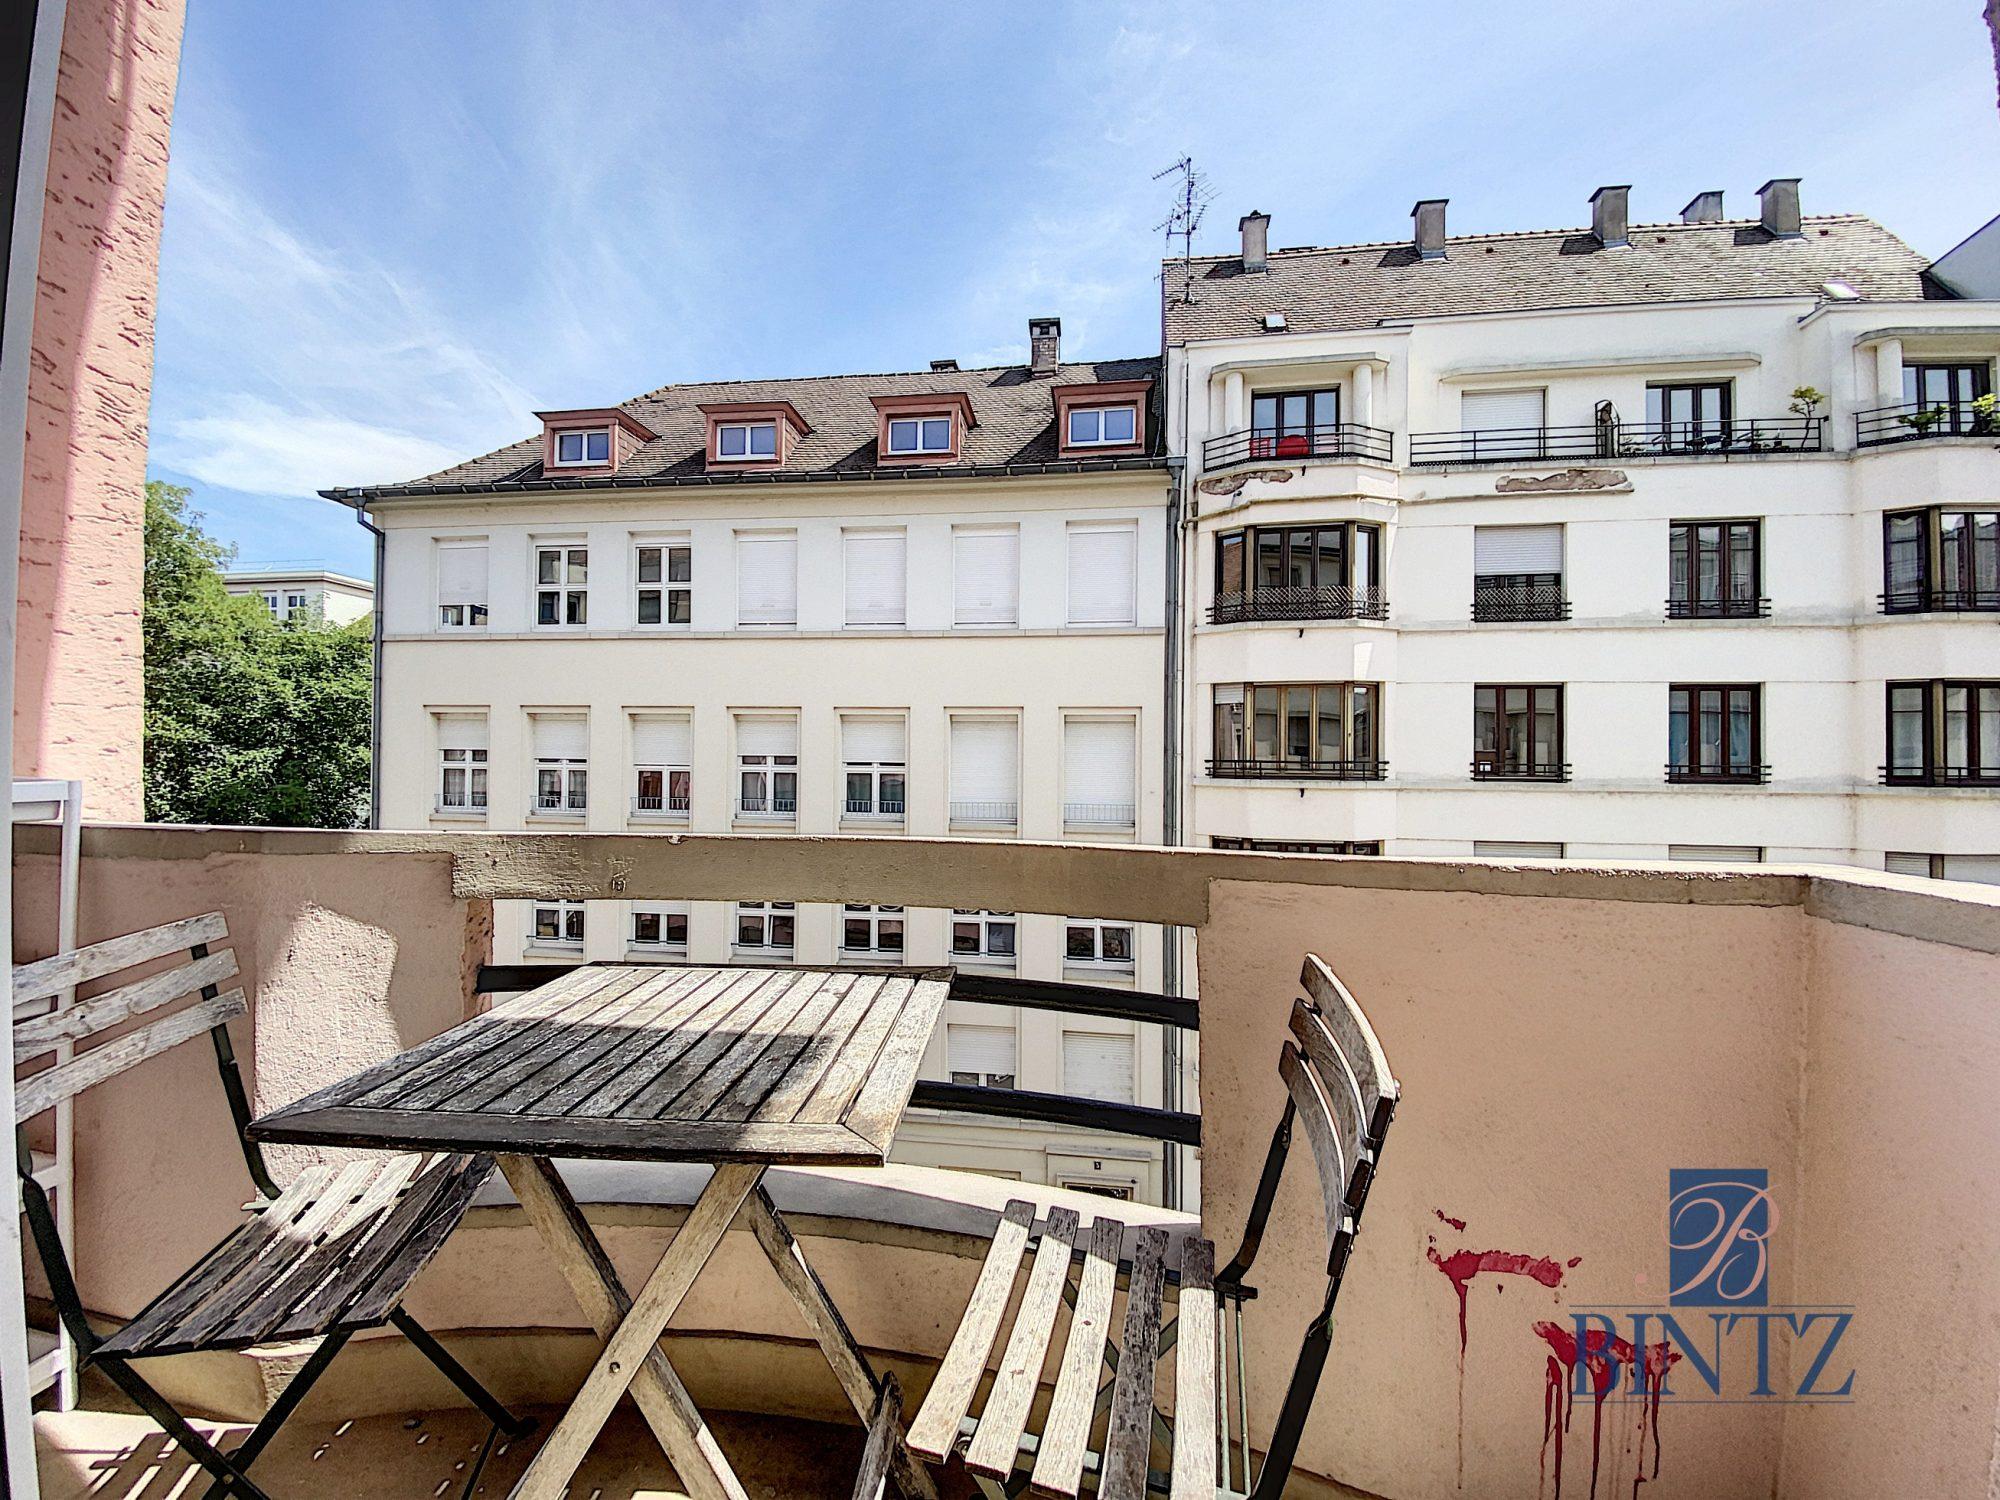 2 PIECES AVEC BALCON KRUTENAU - Devenez locataire en toute sérénité - Bintz Immobilier - 5